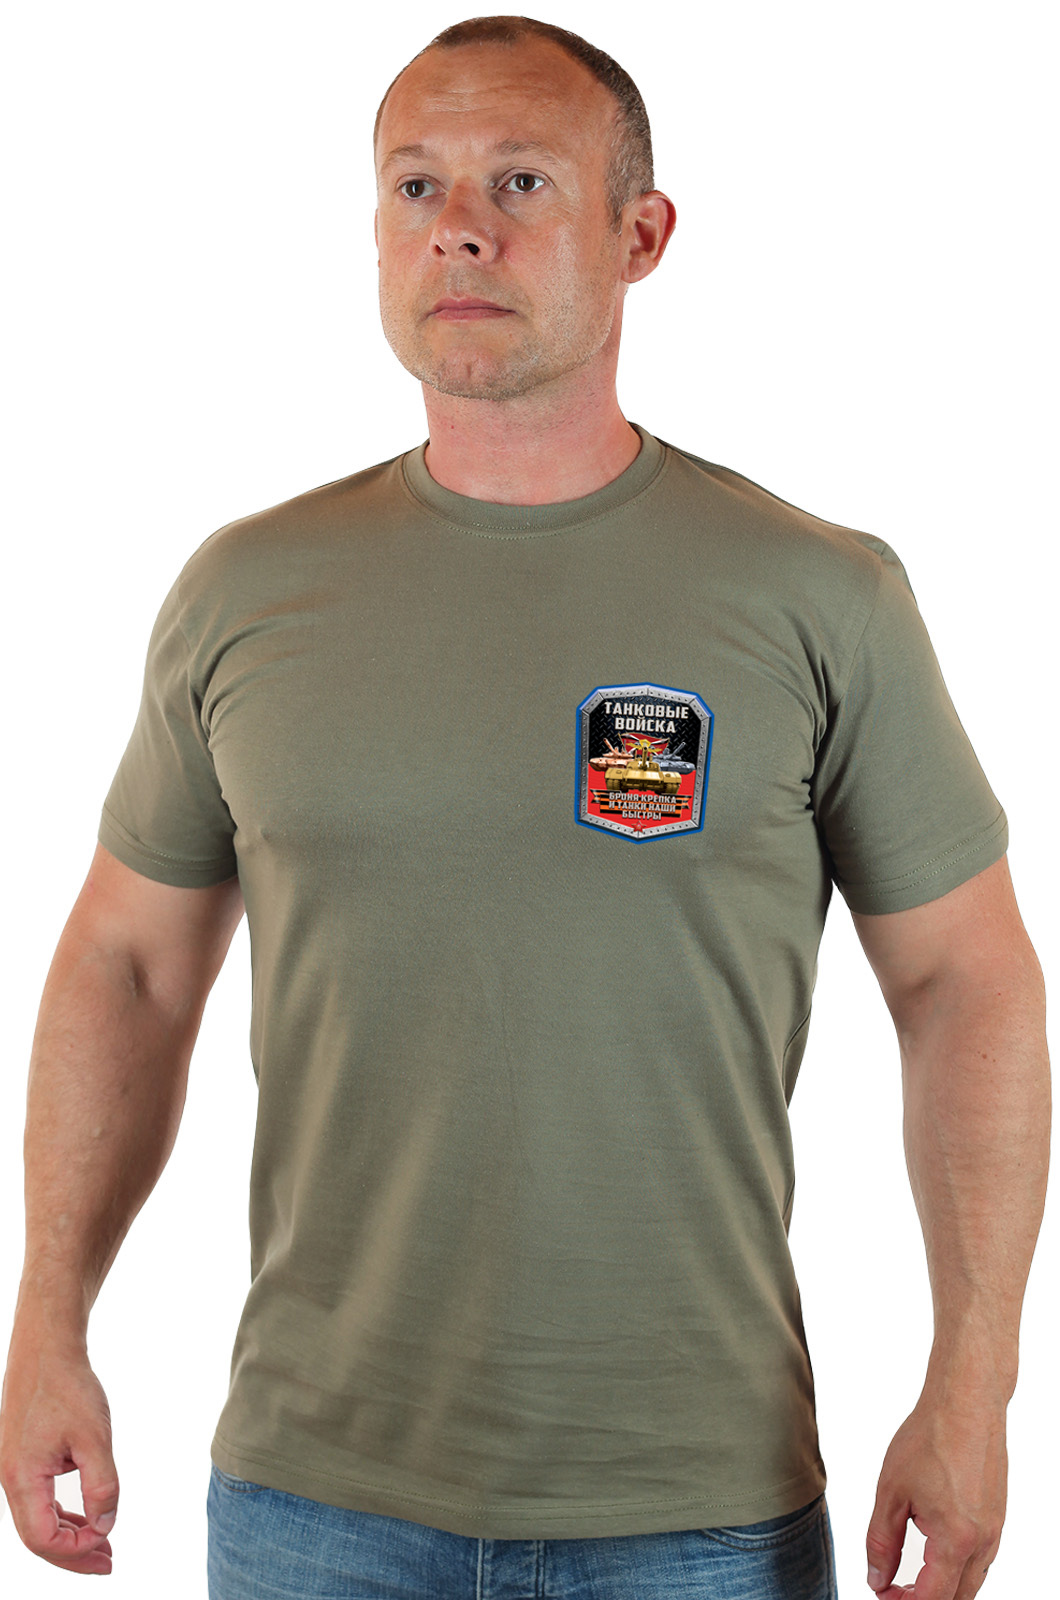 Недорогие, но крутые подарки для Танковых Войск – военные футболки